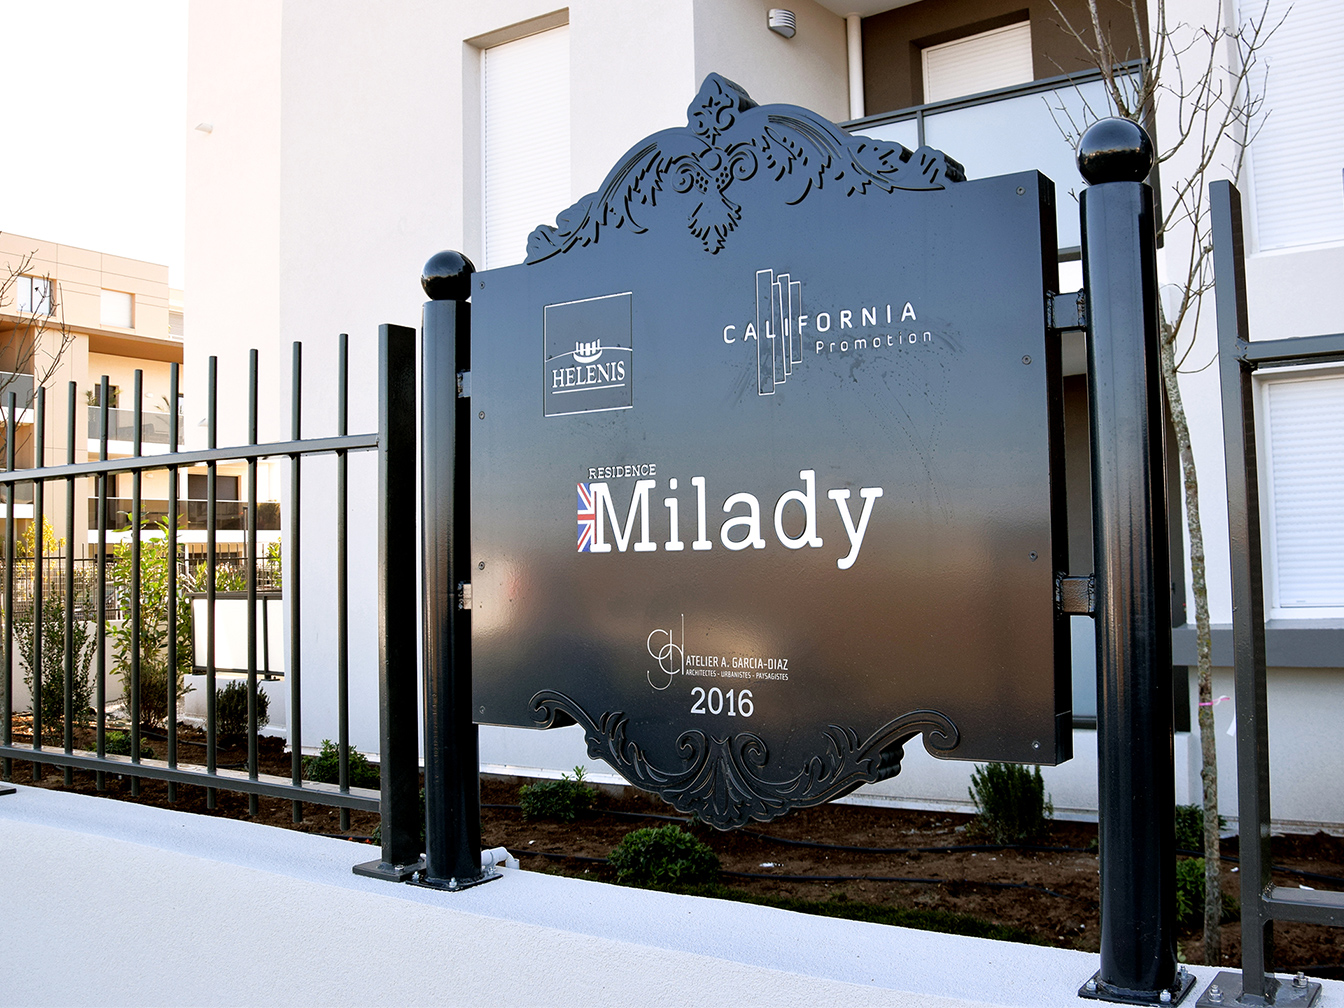 Totem Résidence Milady - Helenis